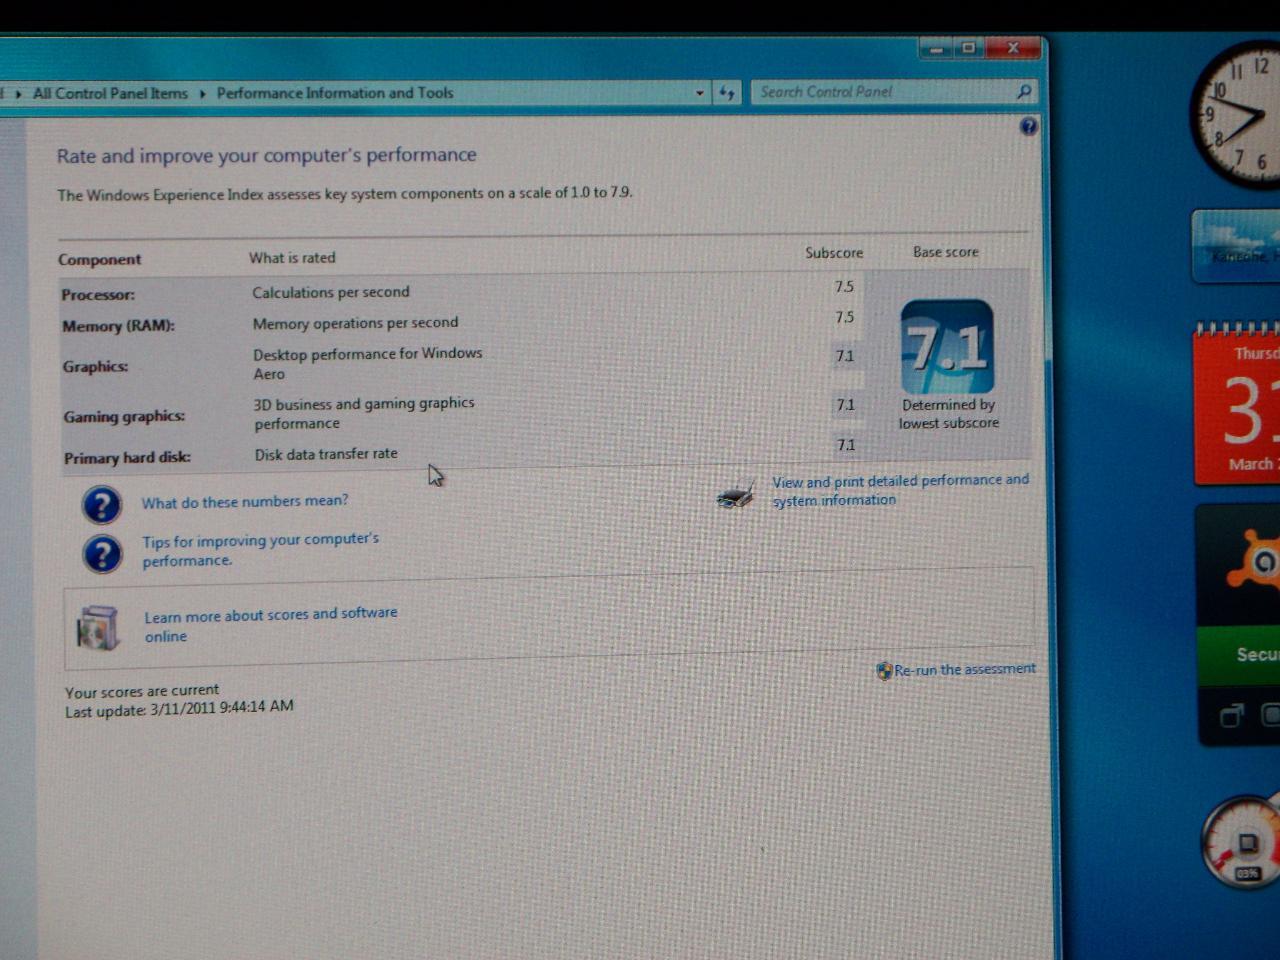 Windows 7 Index Score